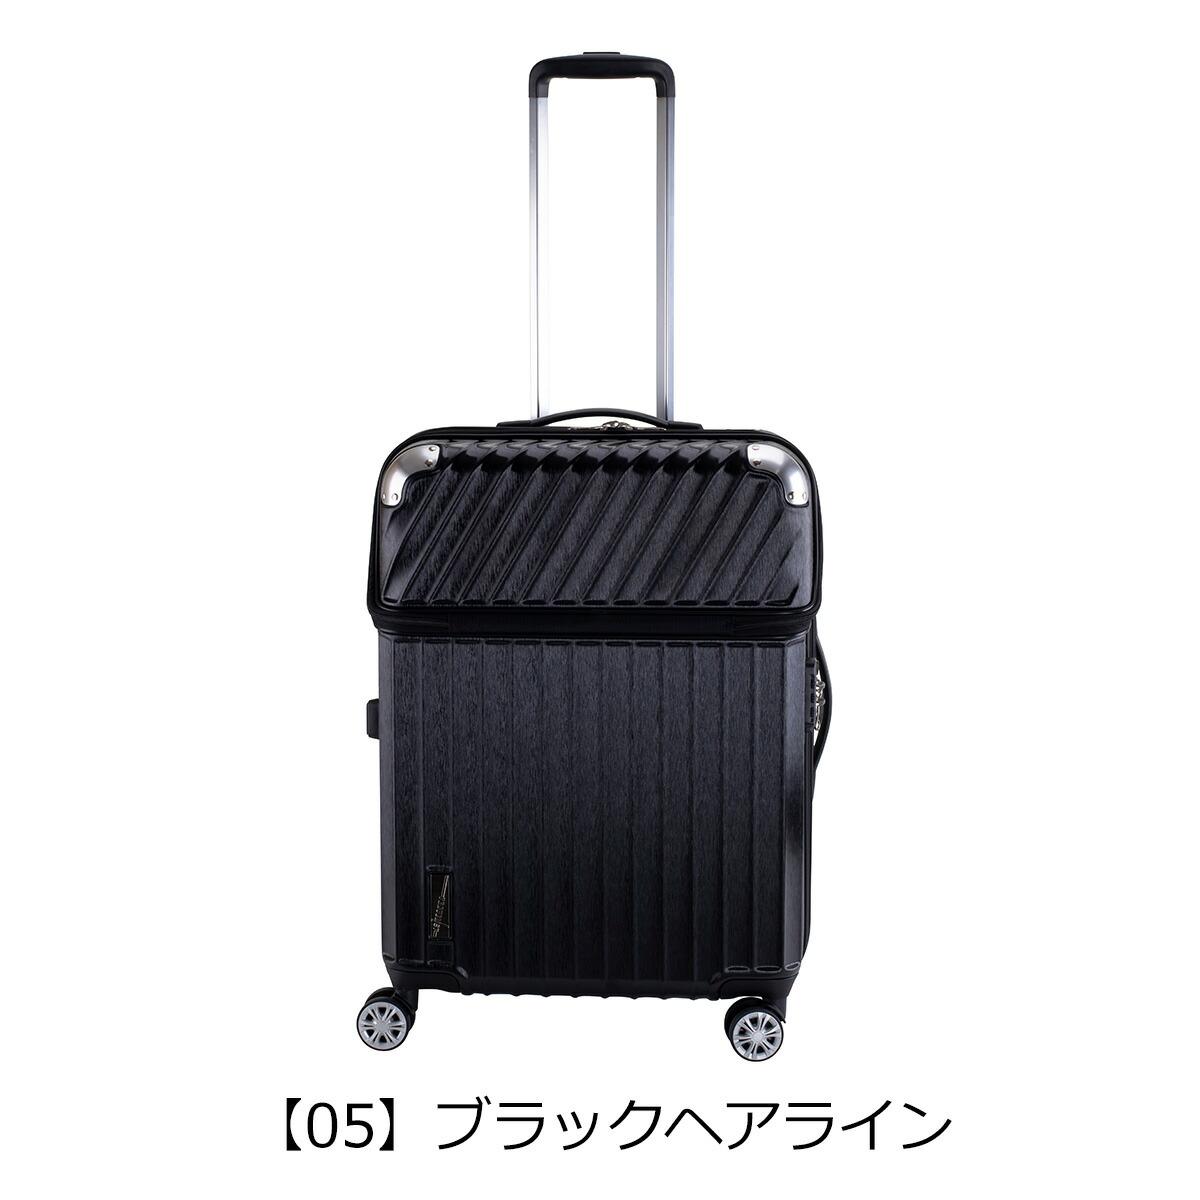 【05】ブラックヘアライン